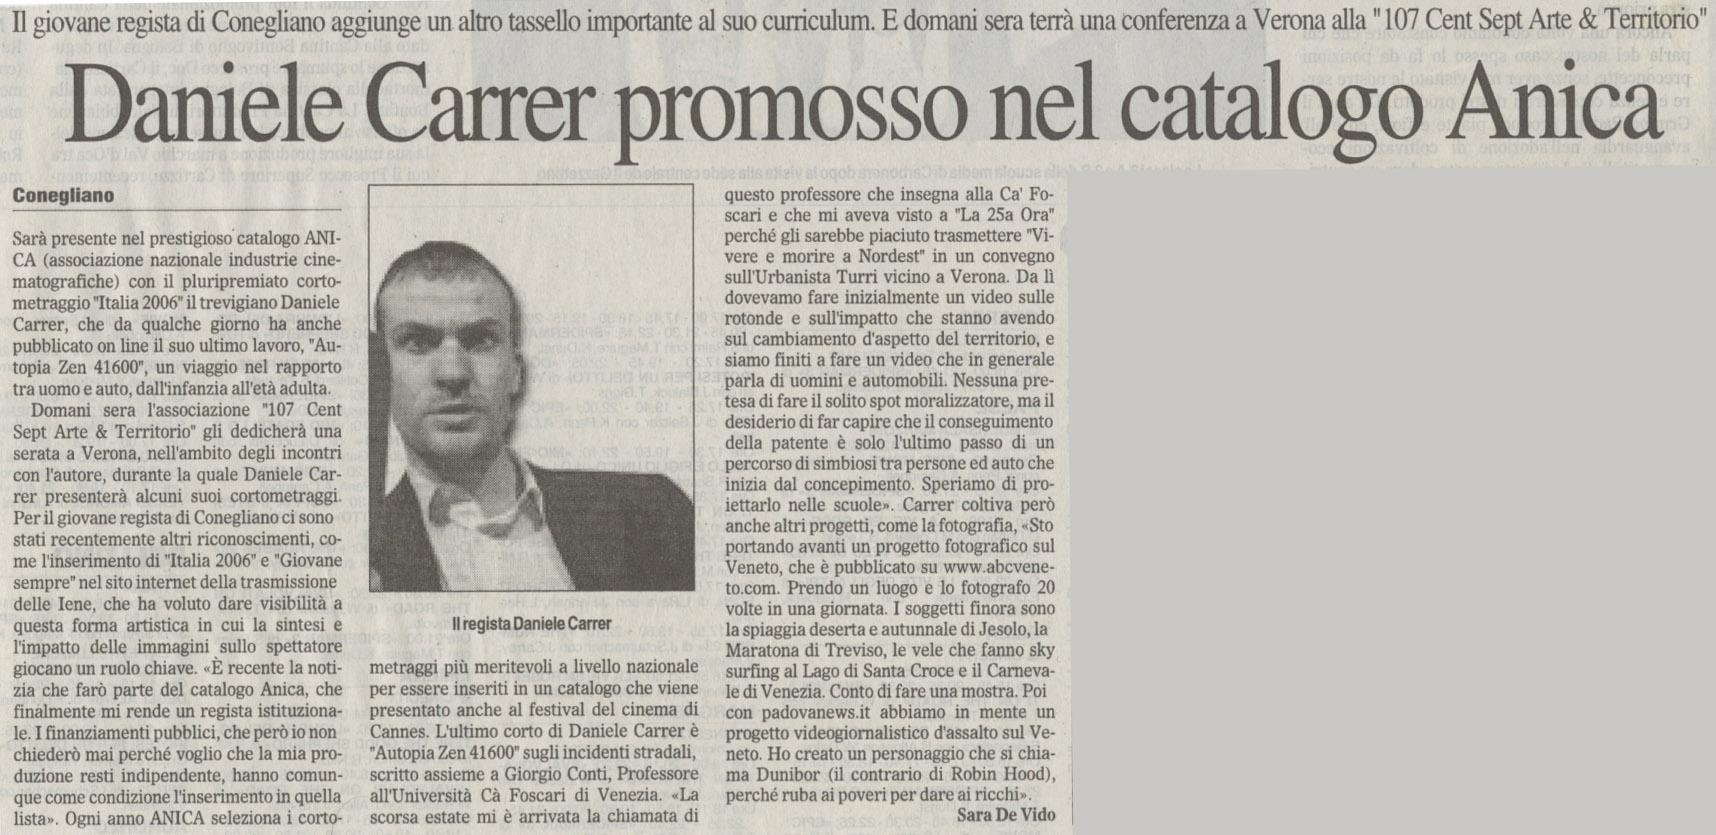 Il Gazzettino del 9 maggio 2007 parla dei successi da regista di Daniele Carrer